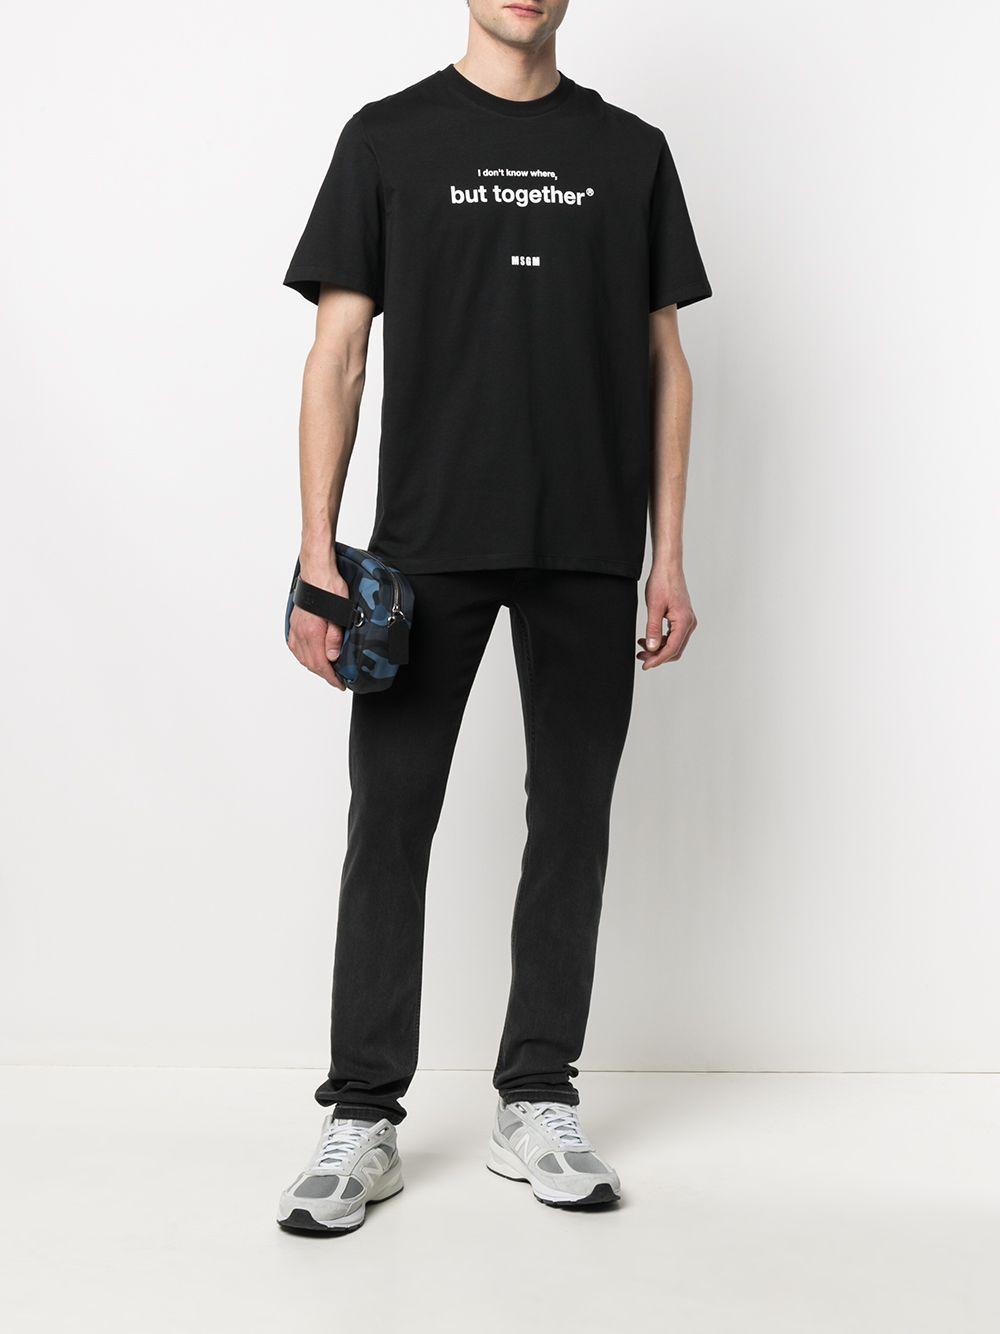 PRINT T-SHIRT MSGM | T-shirts | 3040MM182 21709899